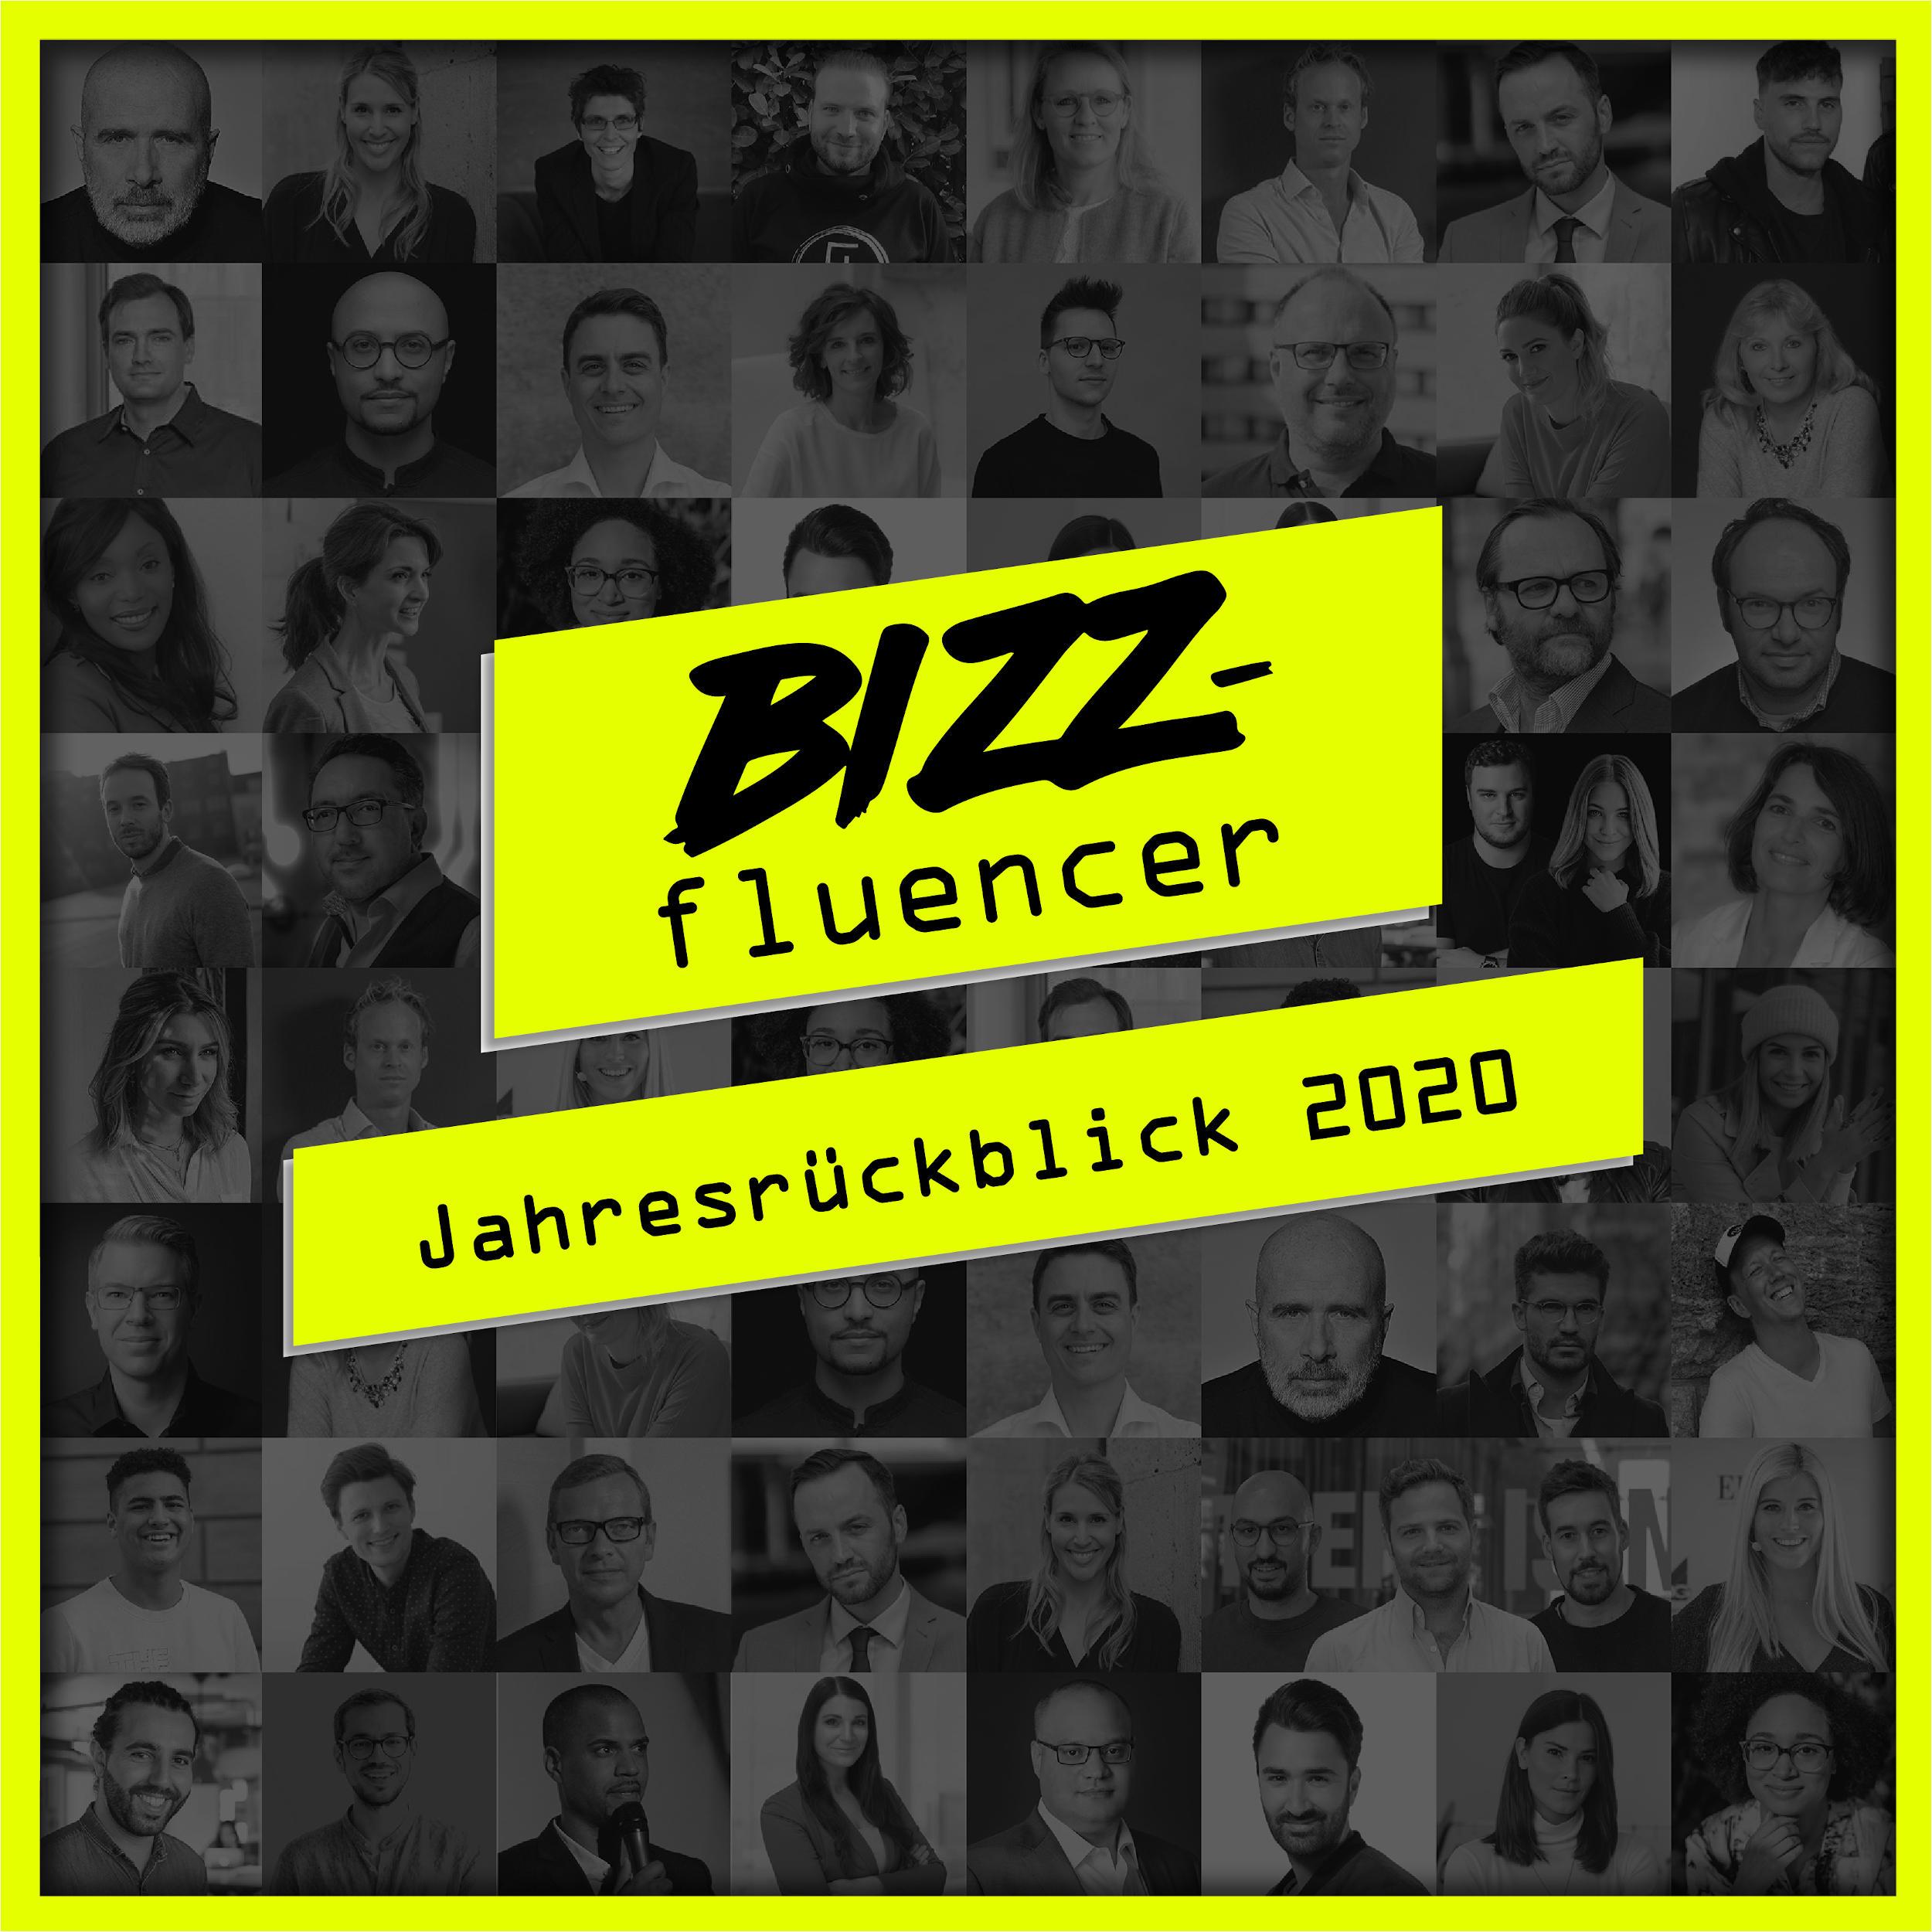 #44 BIZZfluencer Jahresrückblick mit Hendrik & Niklas: über 103% Motivation, Leidenschaft und Herzensprojekte